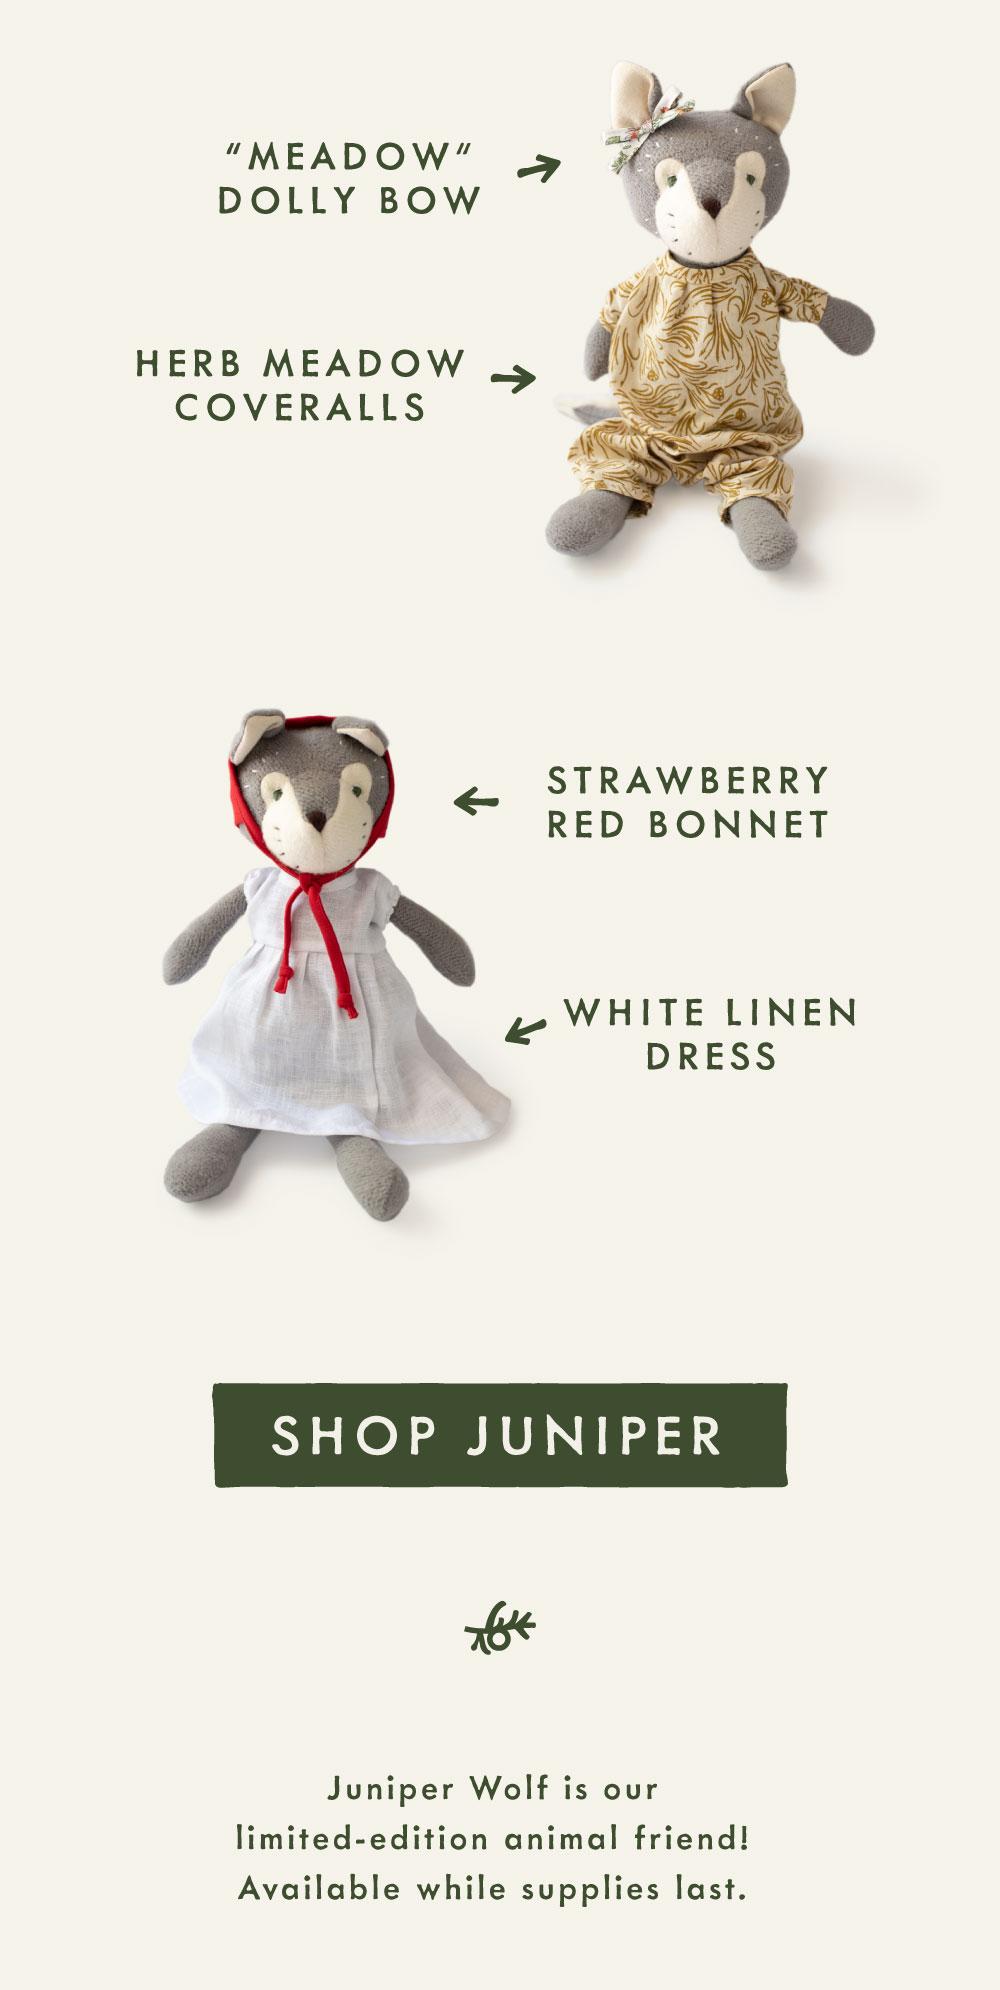 shop juniper